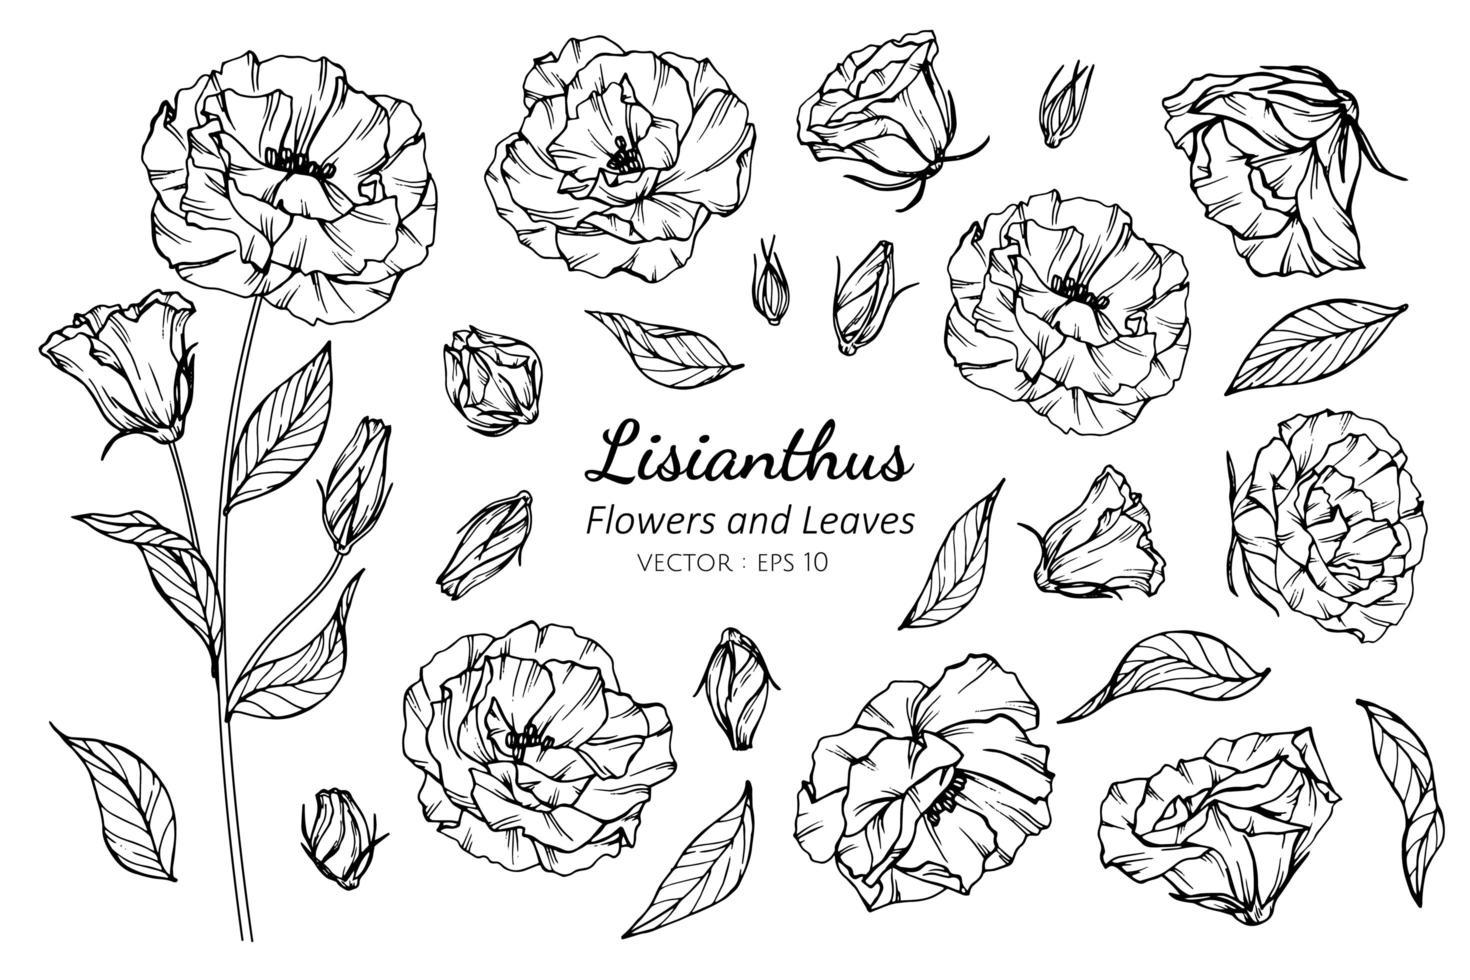 raccolta di fiori e foglie di lisianthus vettore